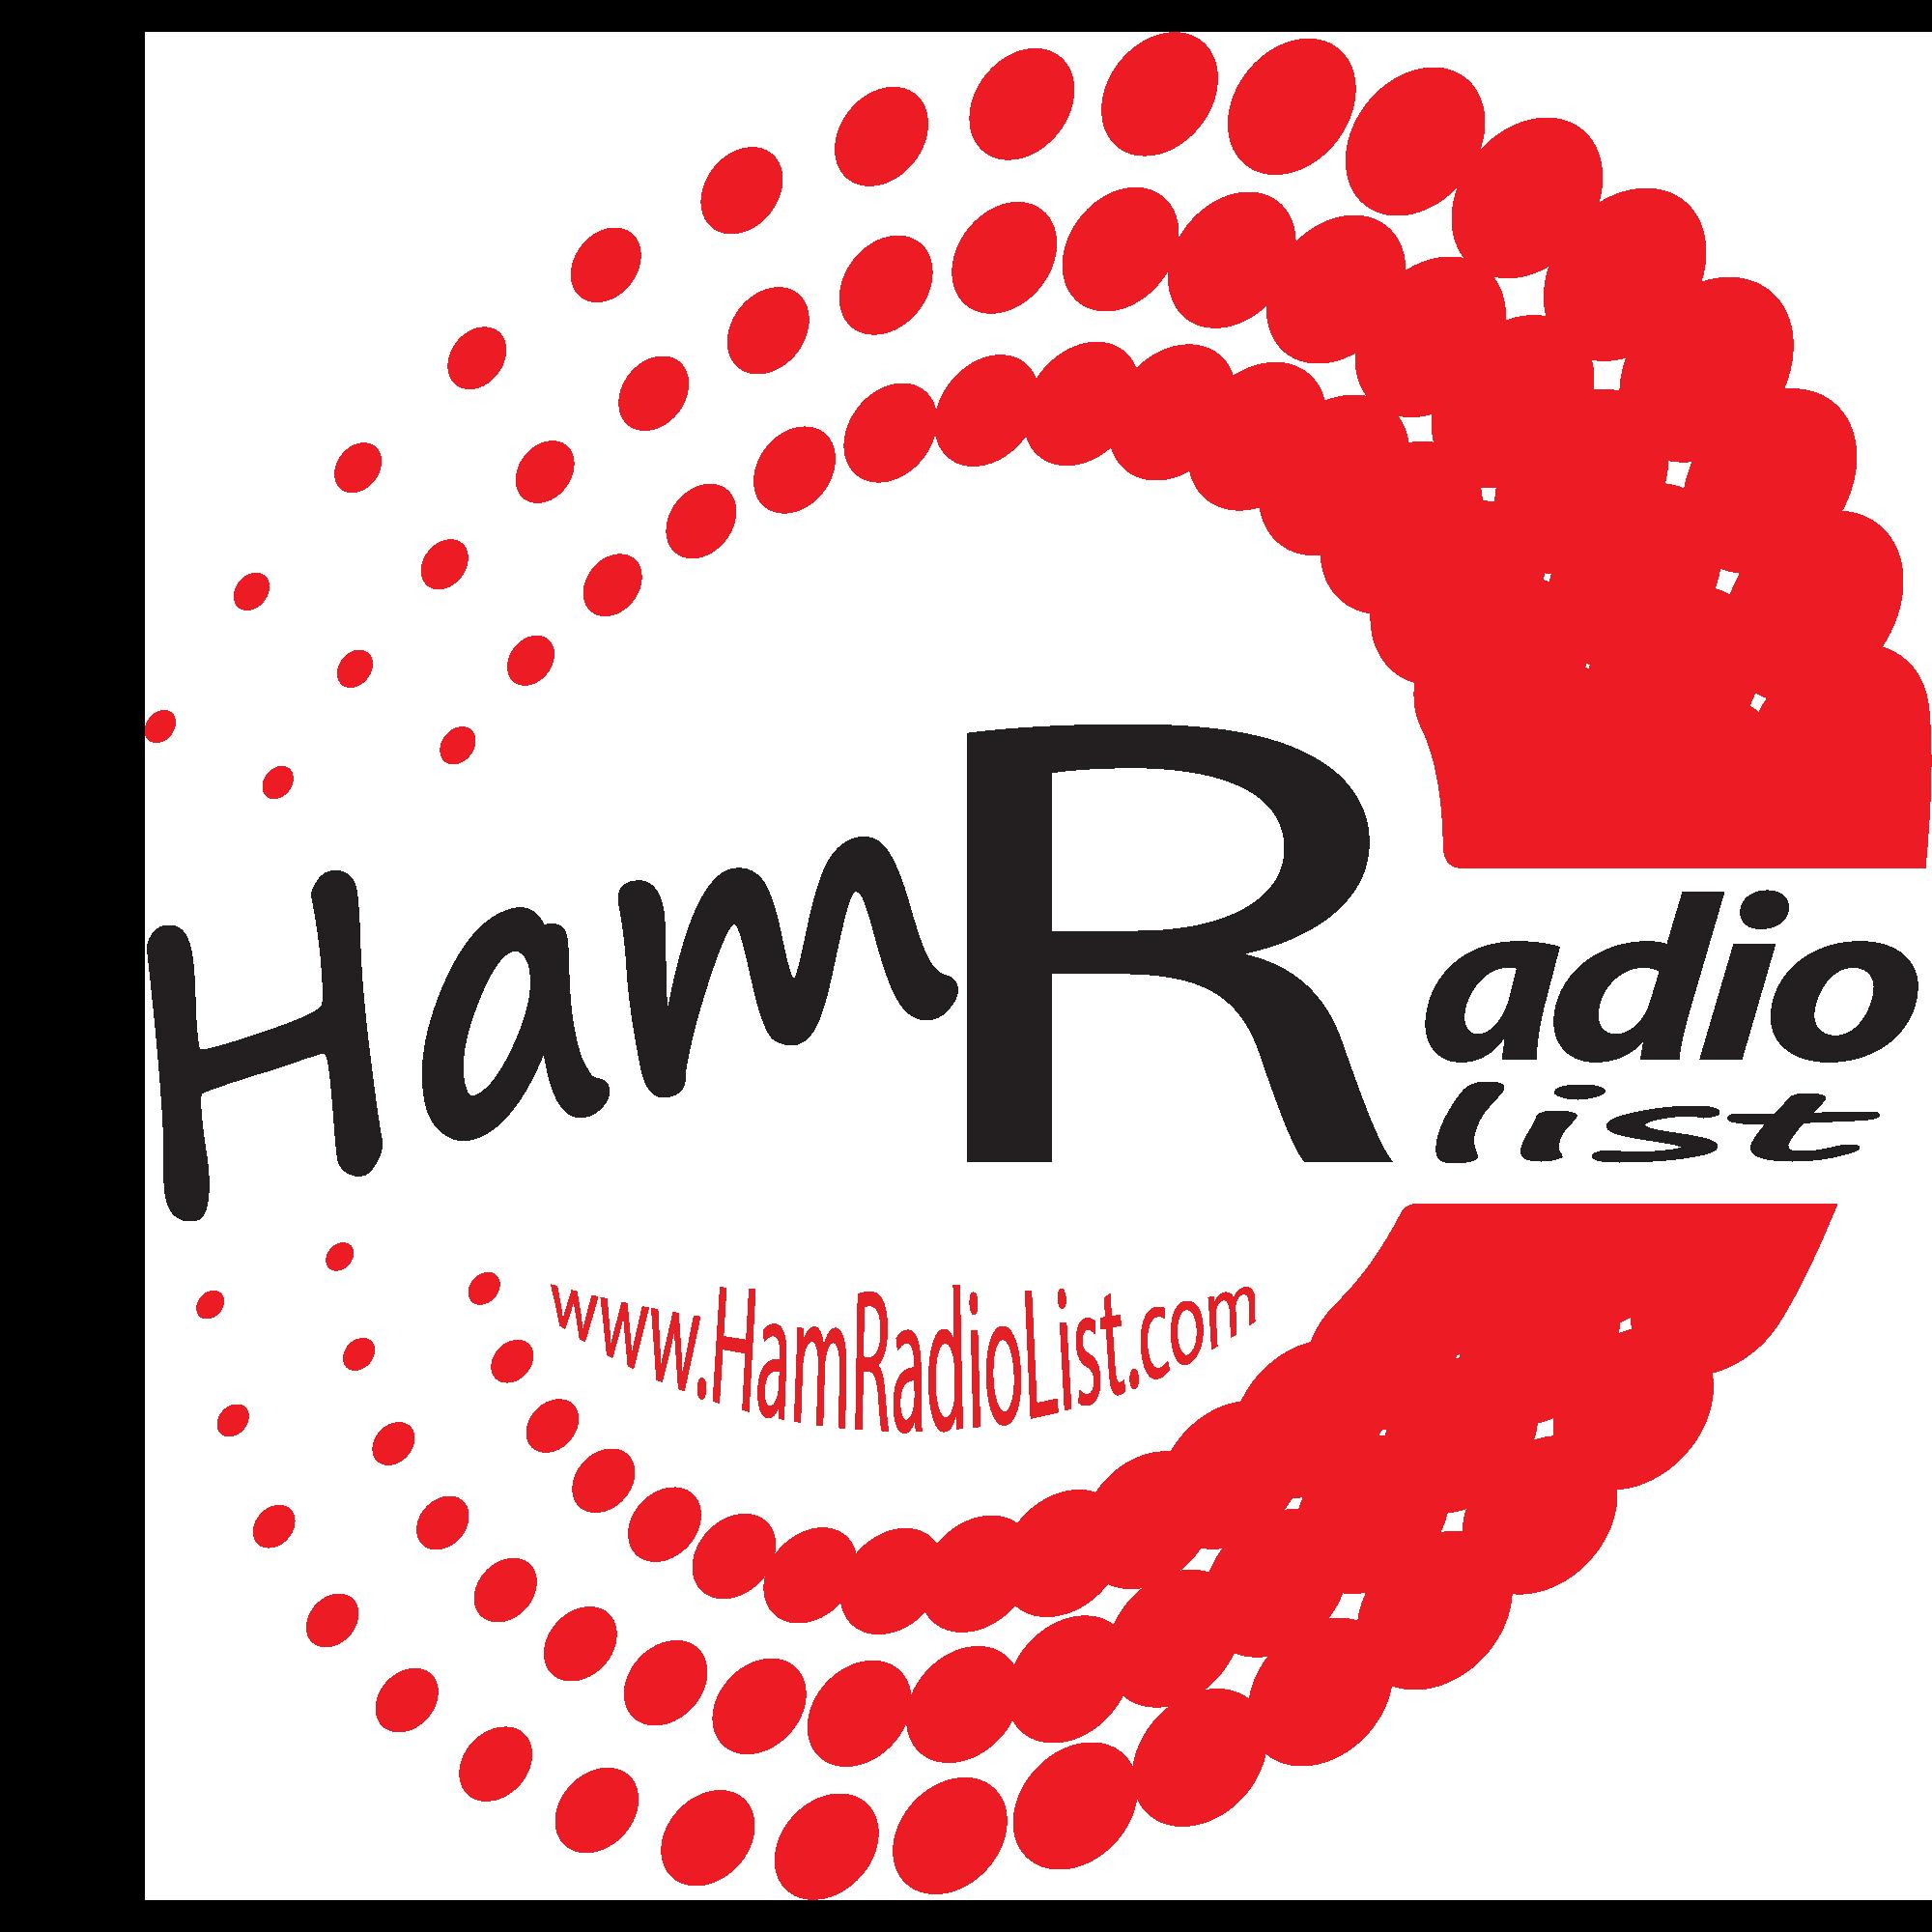 Ham Radio List